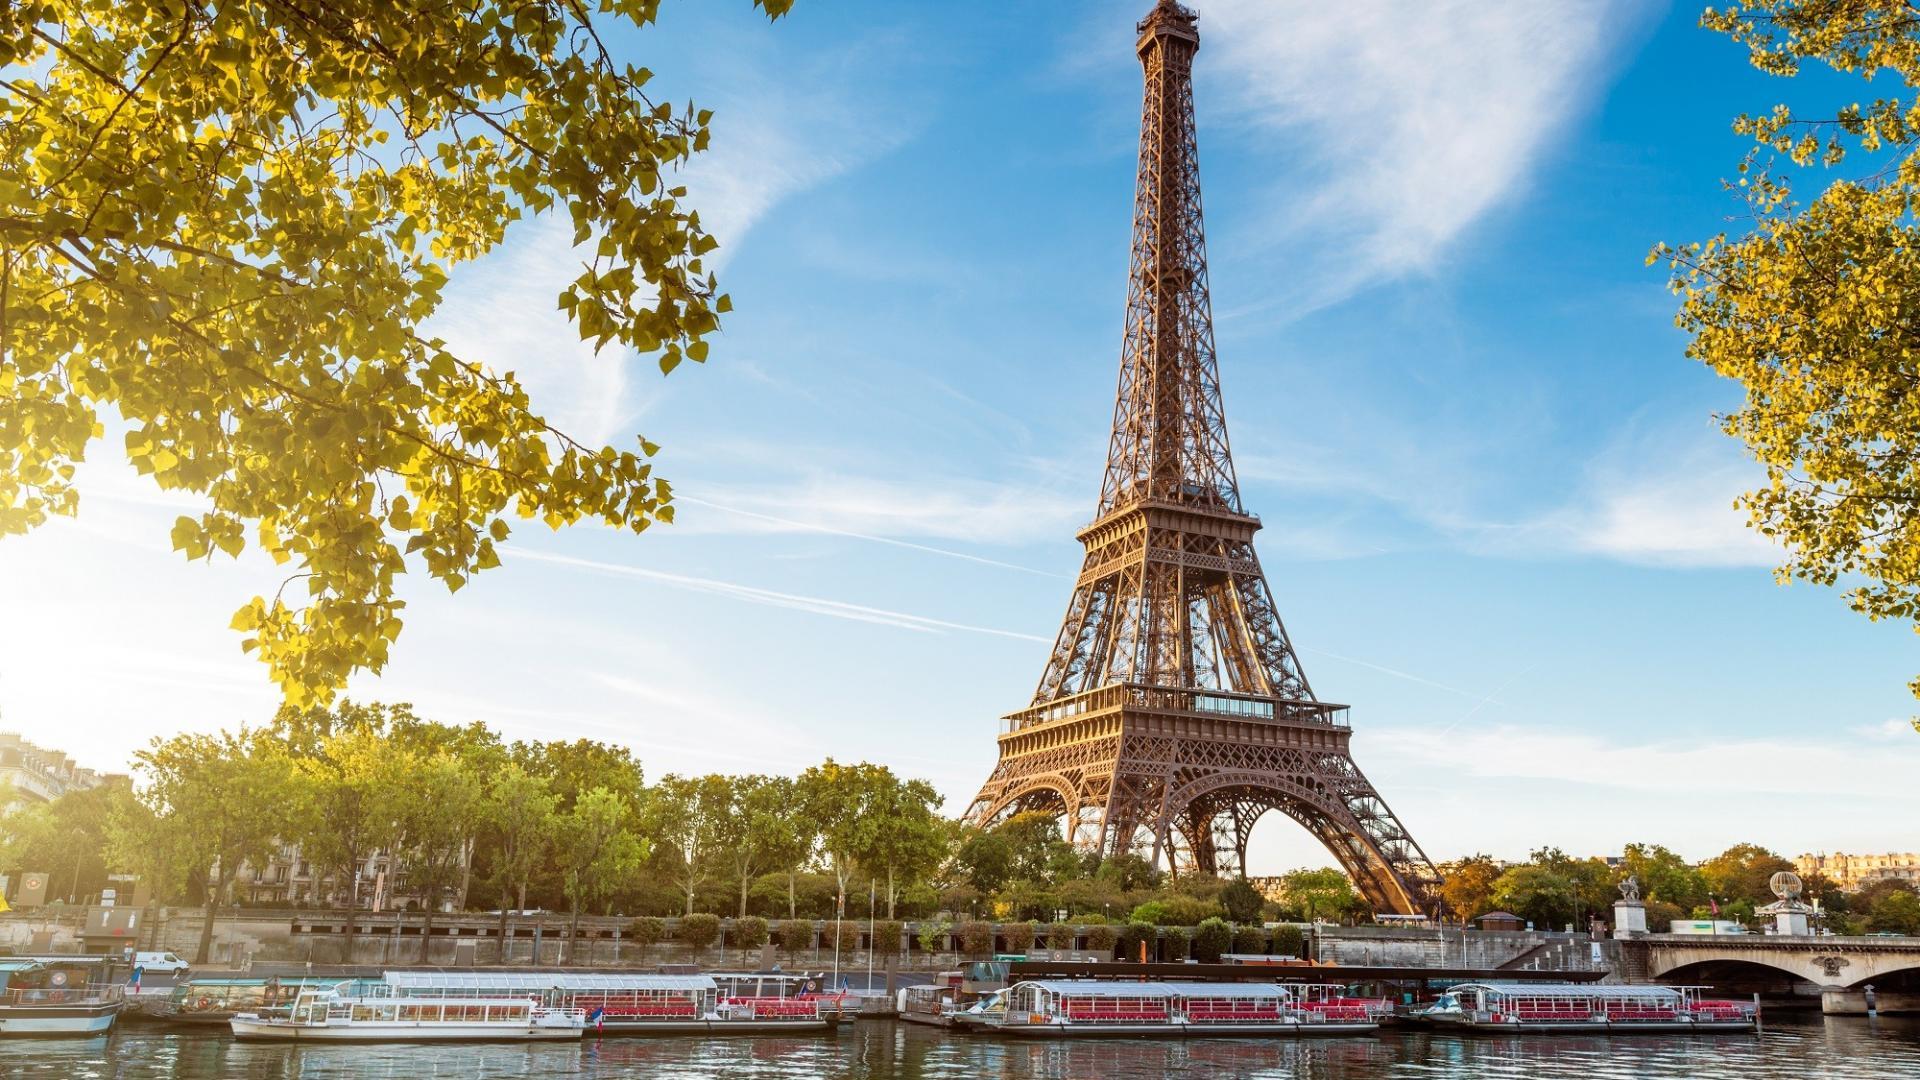 Dagaanbieding - 2, 3 of 4 dagen in de historische wereldstad Parijs incl. ontbijt dagelijkse koopjes